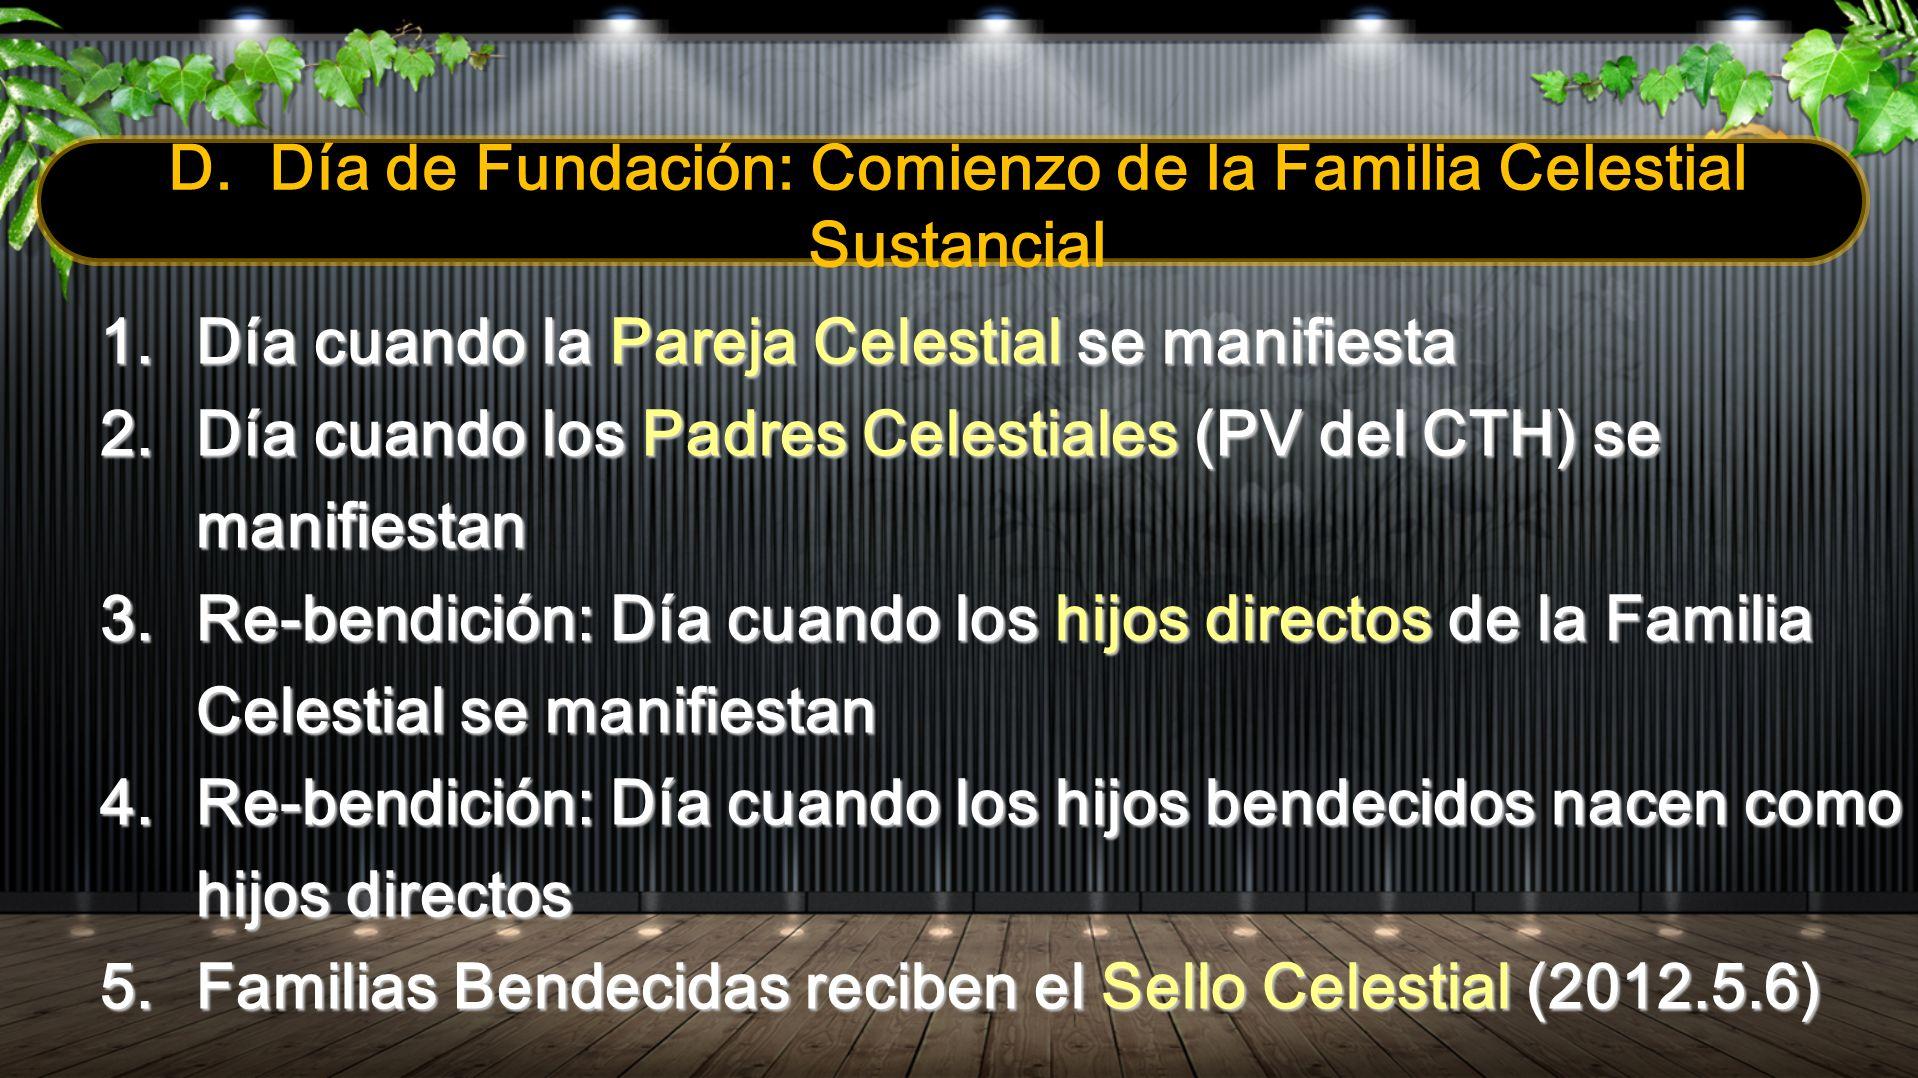 D. Día de Fundación: Comienzo de la Familia Celestial Sustancial